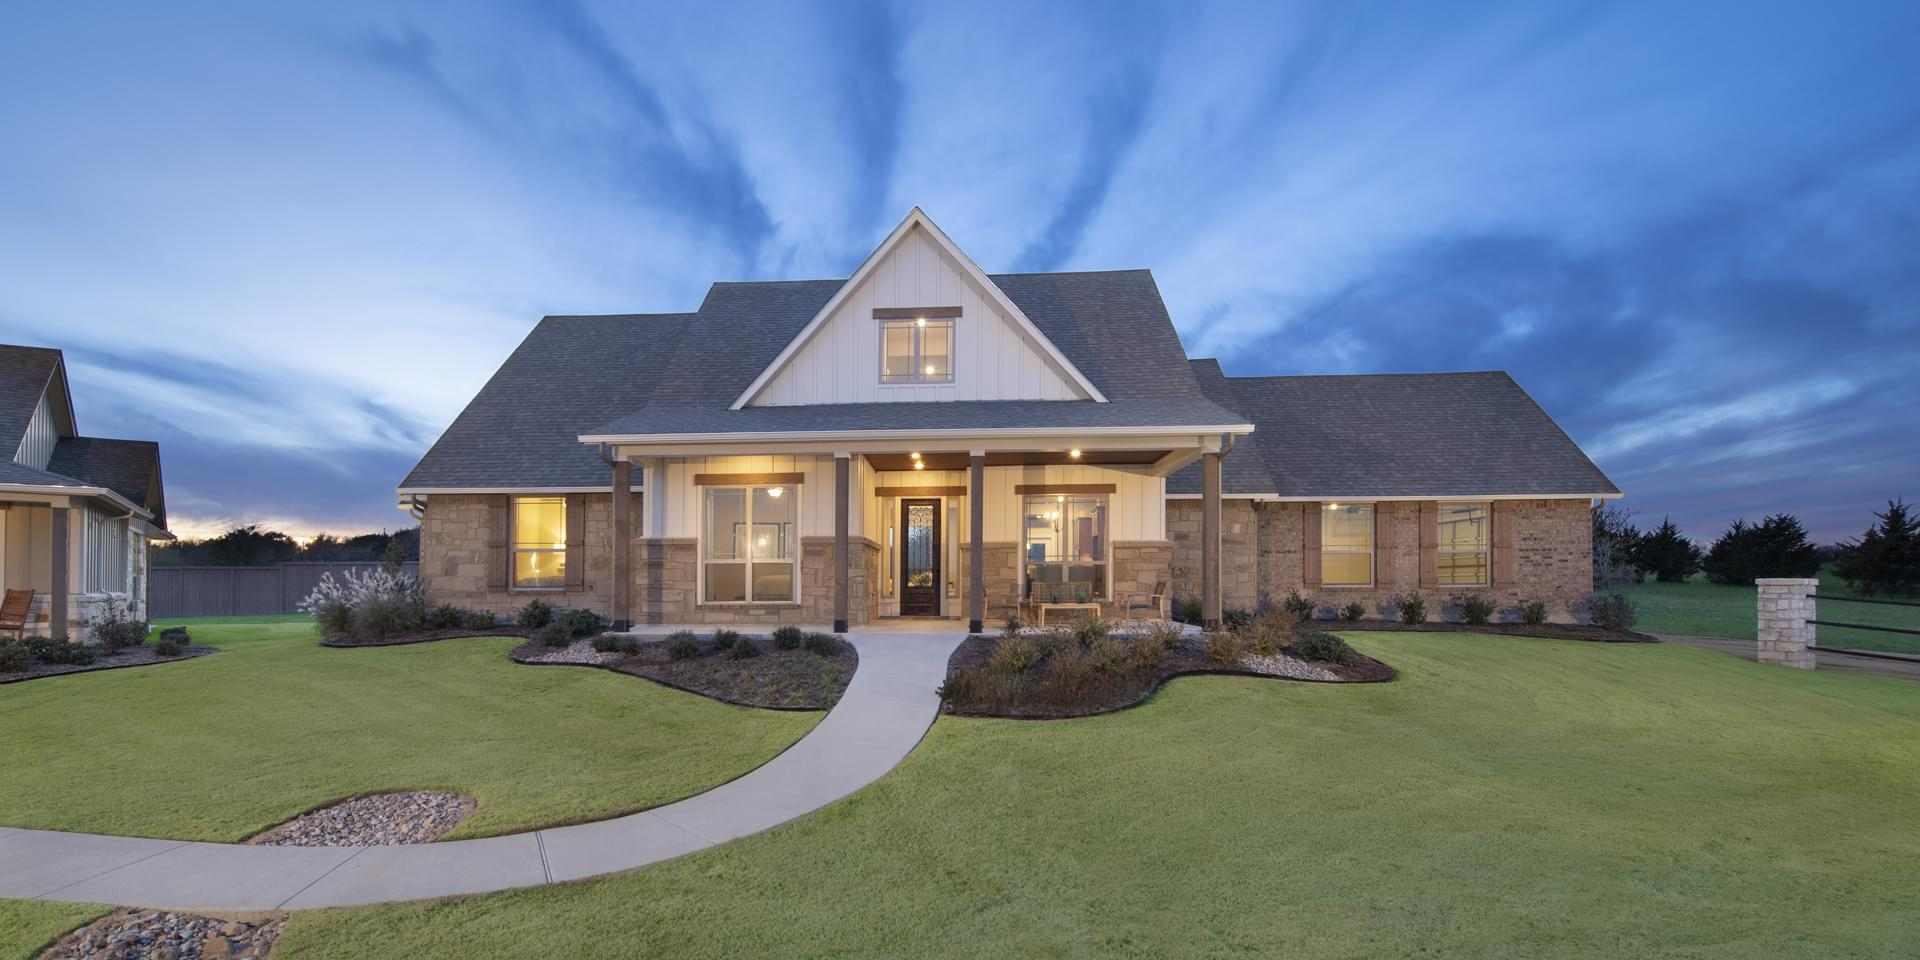 The Fayetteville Custom Home Plan from Tilson Homes